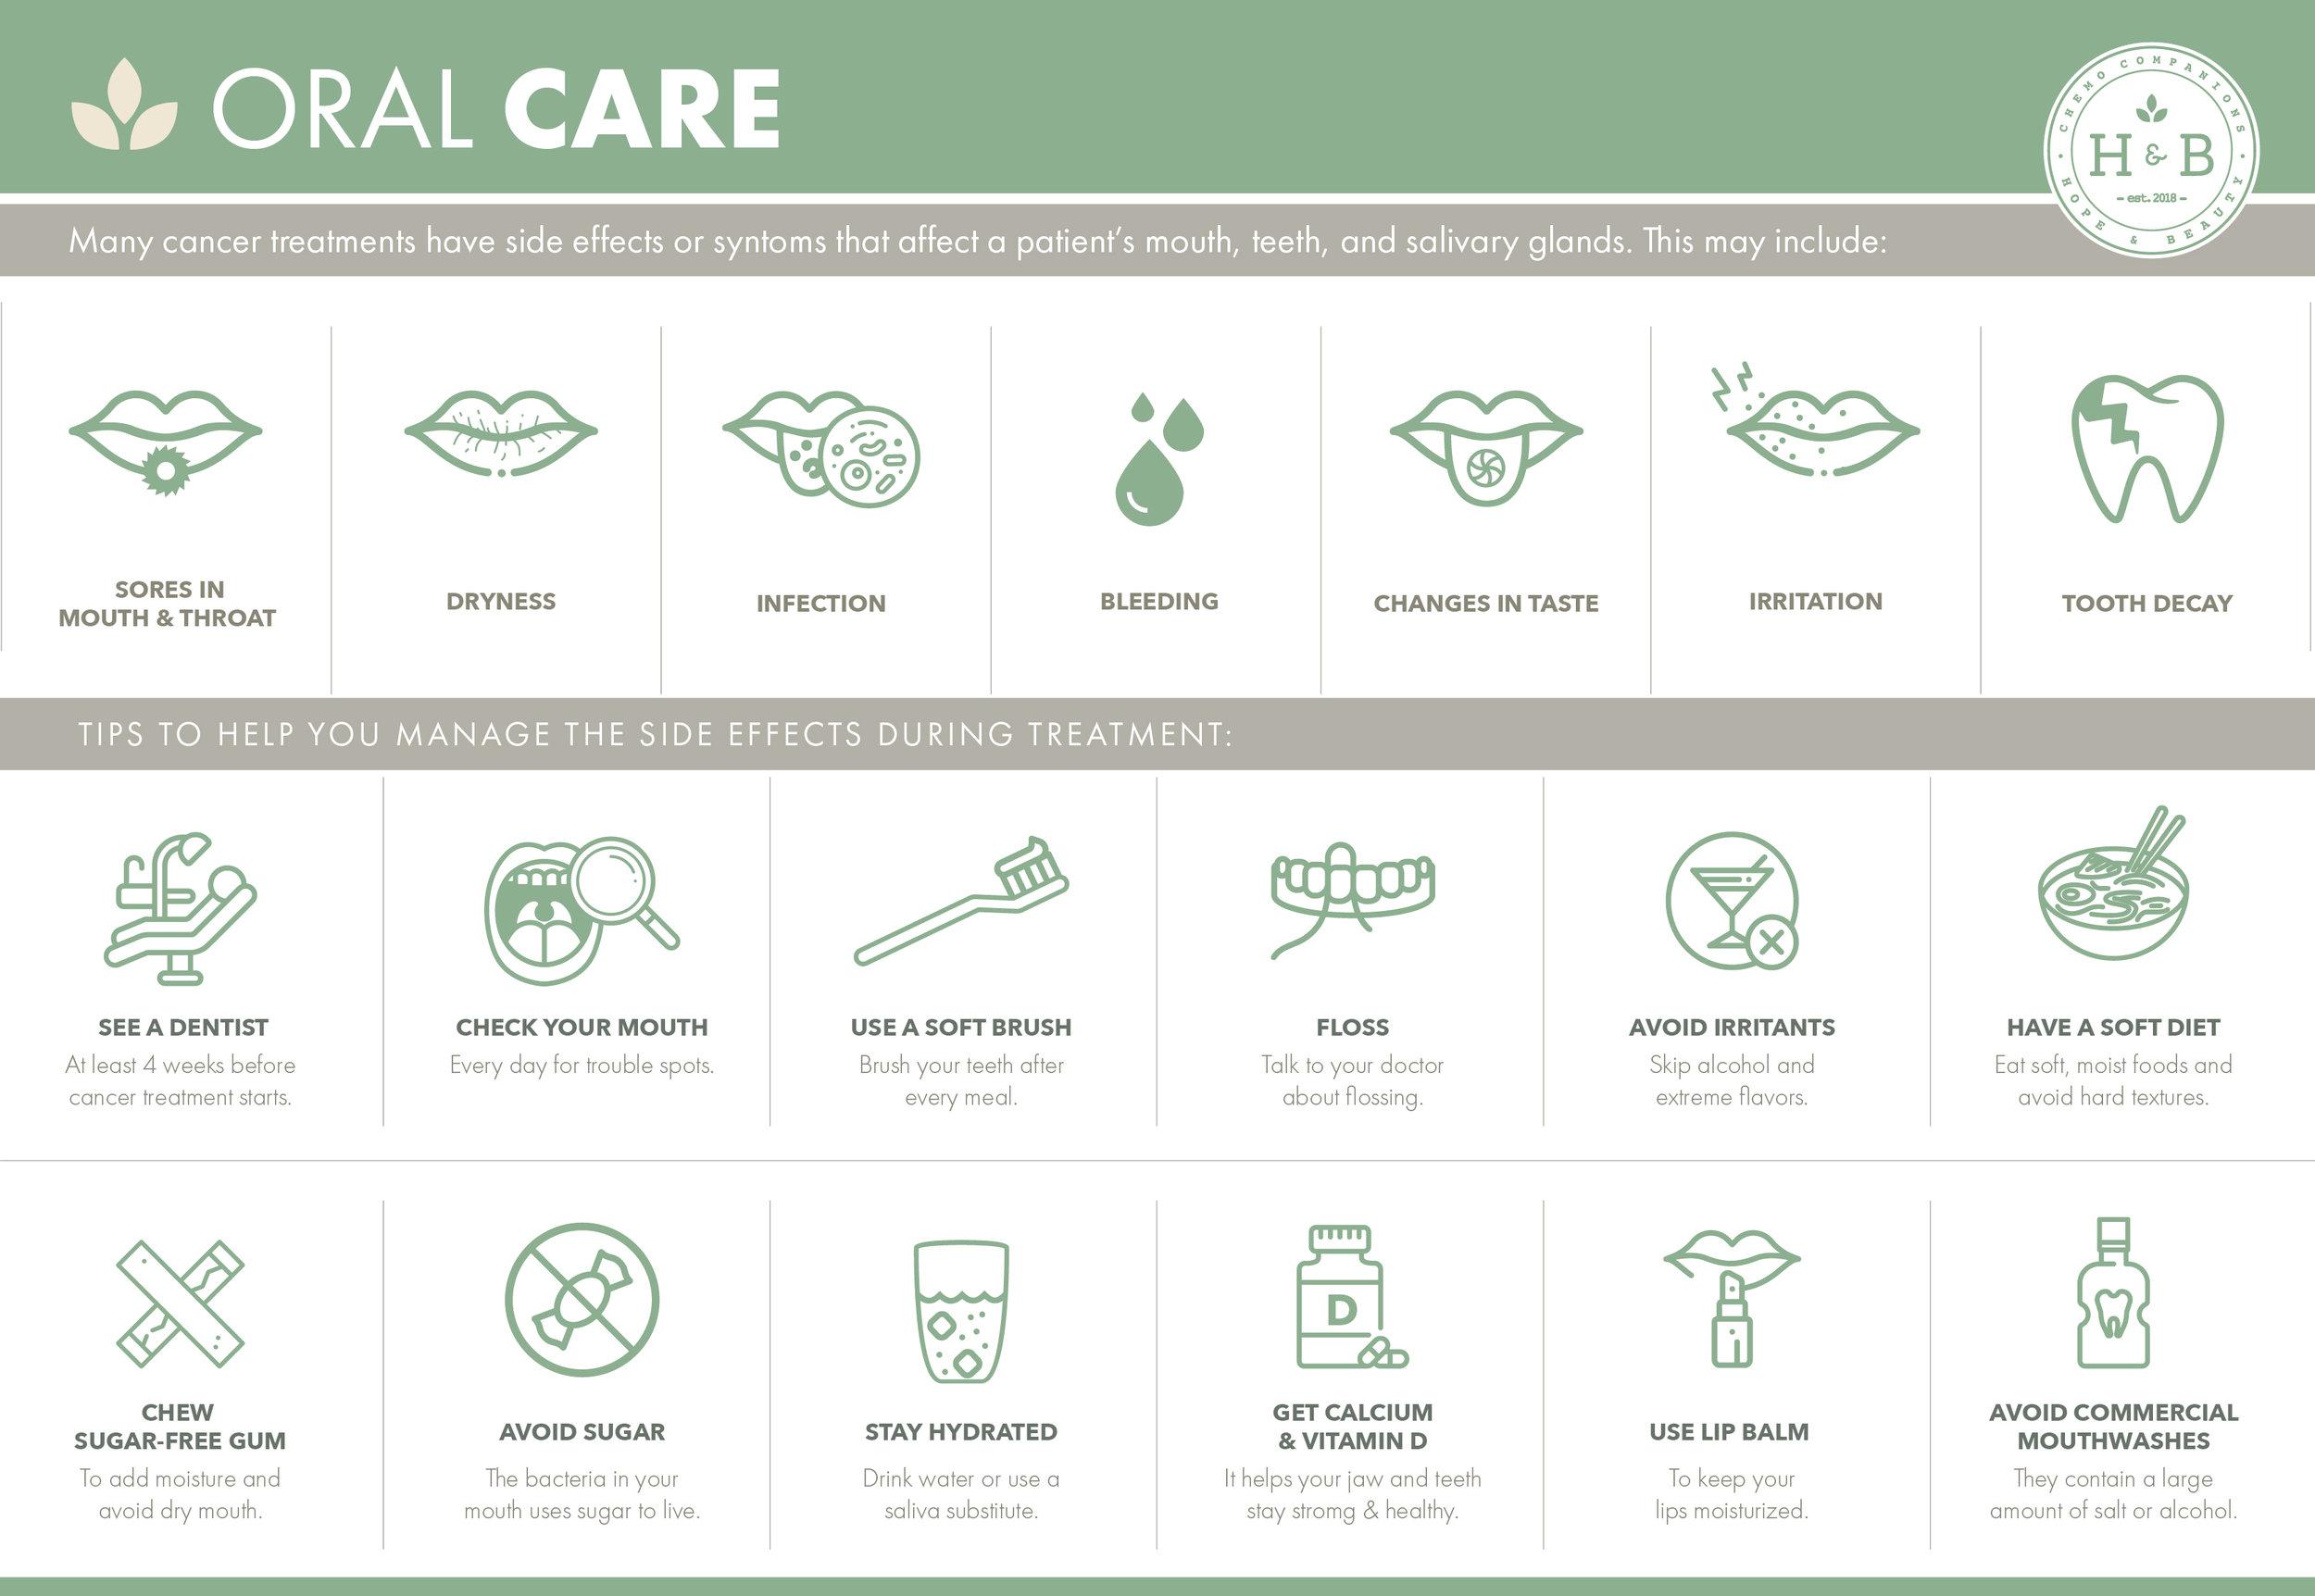 H&B_ORAL_CARE_CHART.jpg